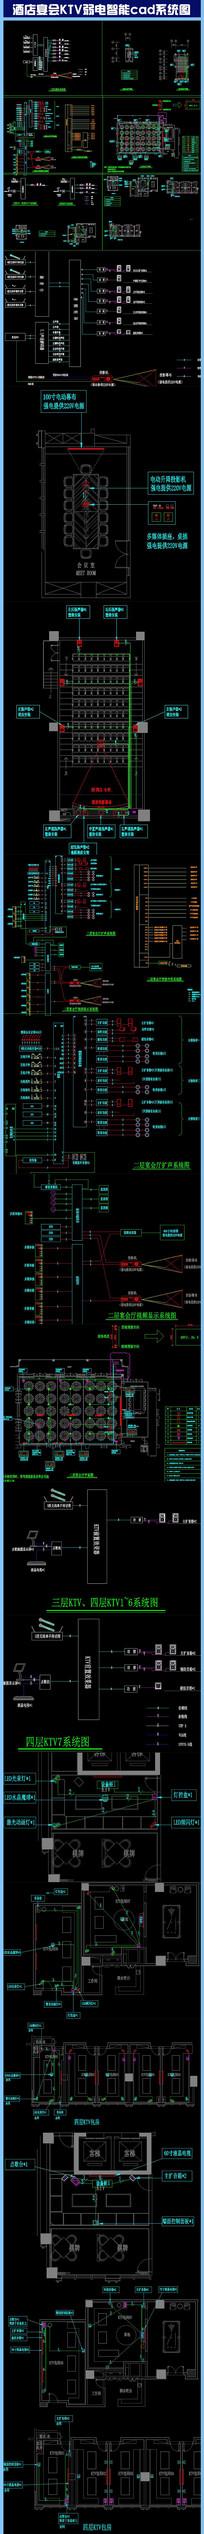 酒店宴会弱电智能cad系统图